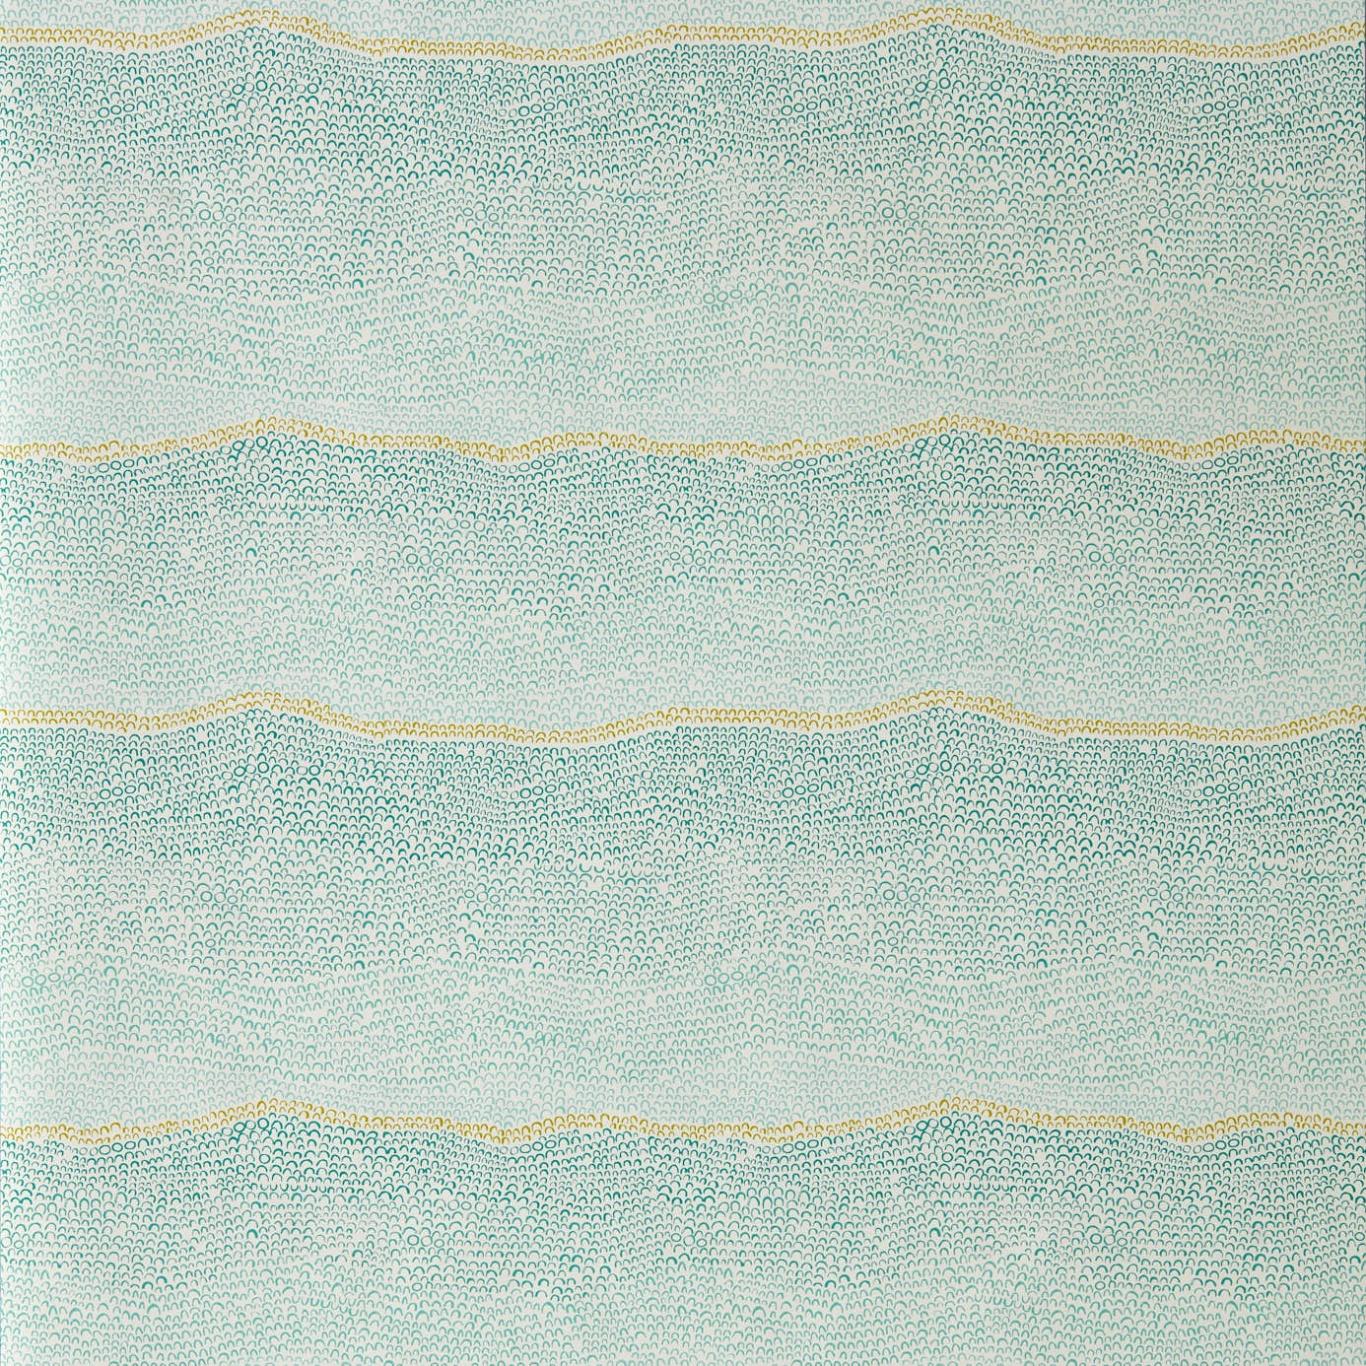 Image of Sanderson Home Ripley Aqua/Lichen Wallpaper 216585